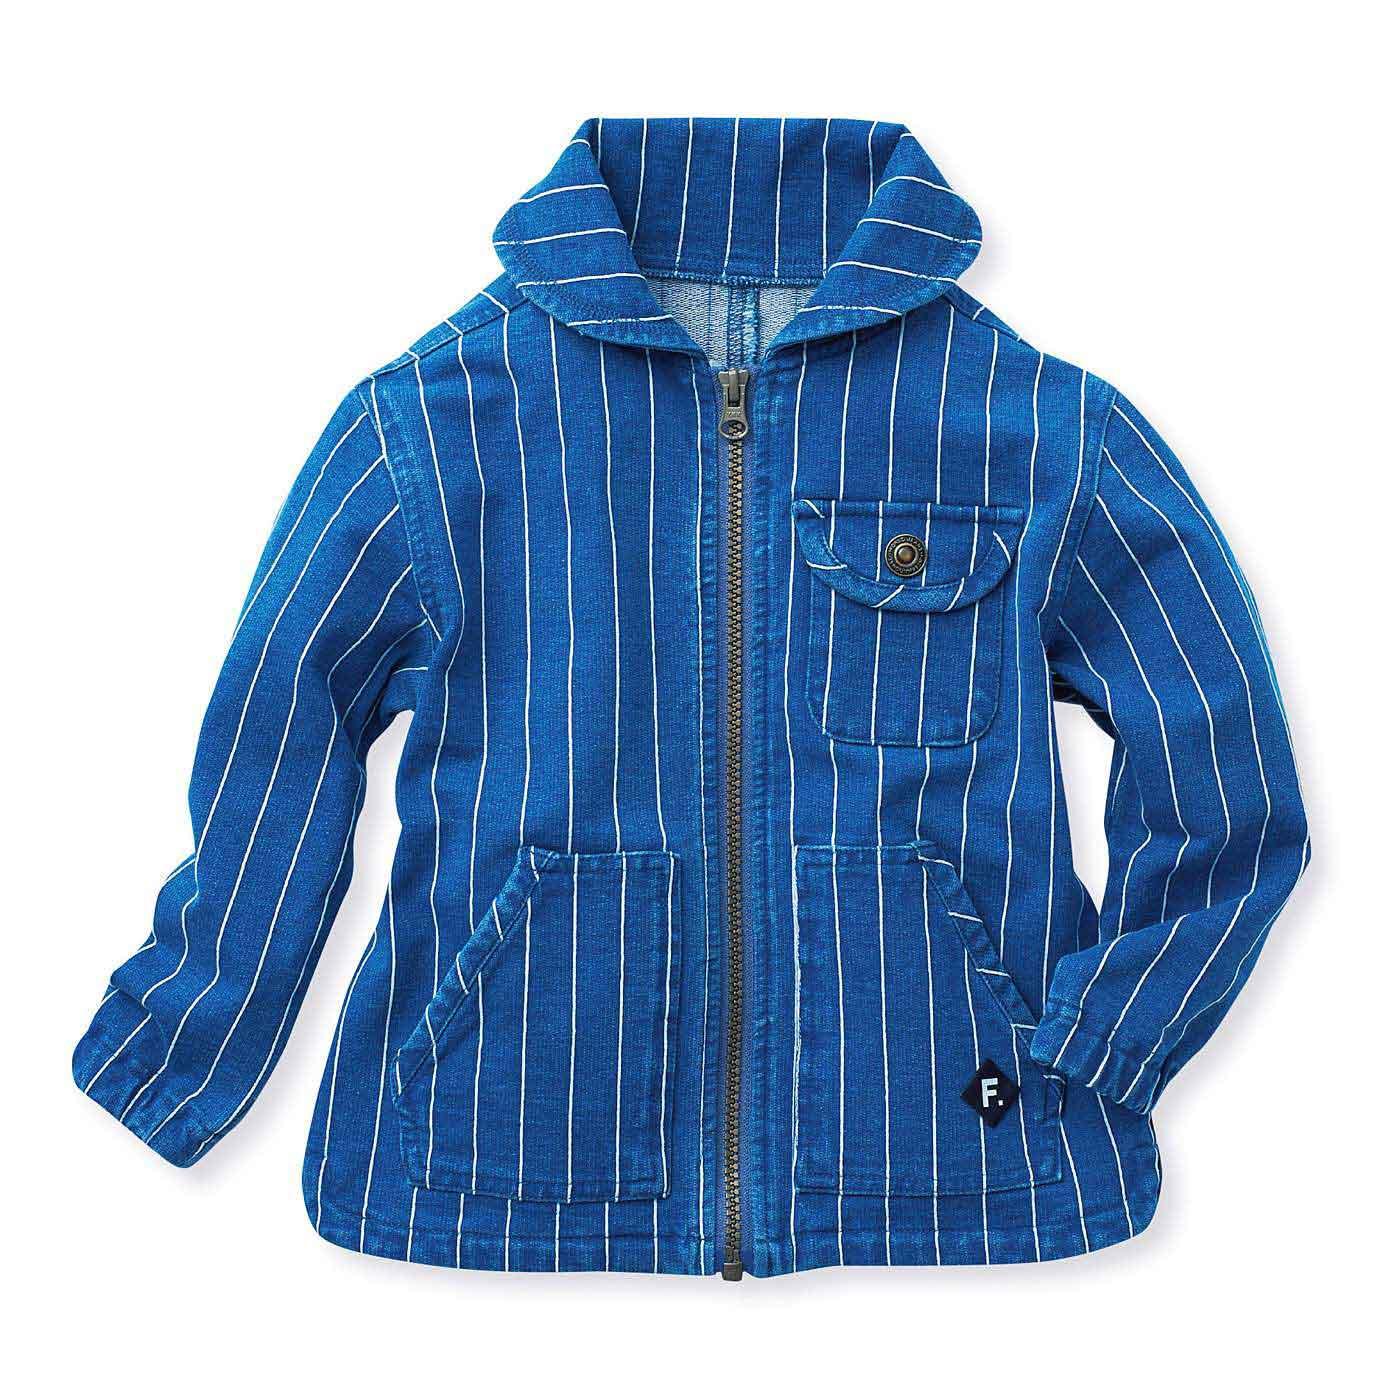 ピンストライプのデニム裏毛ジャケット〈ブルー×ホワイト〉